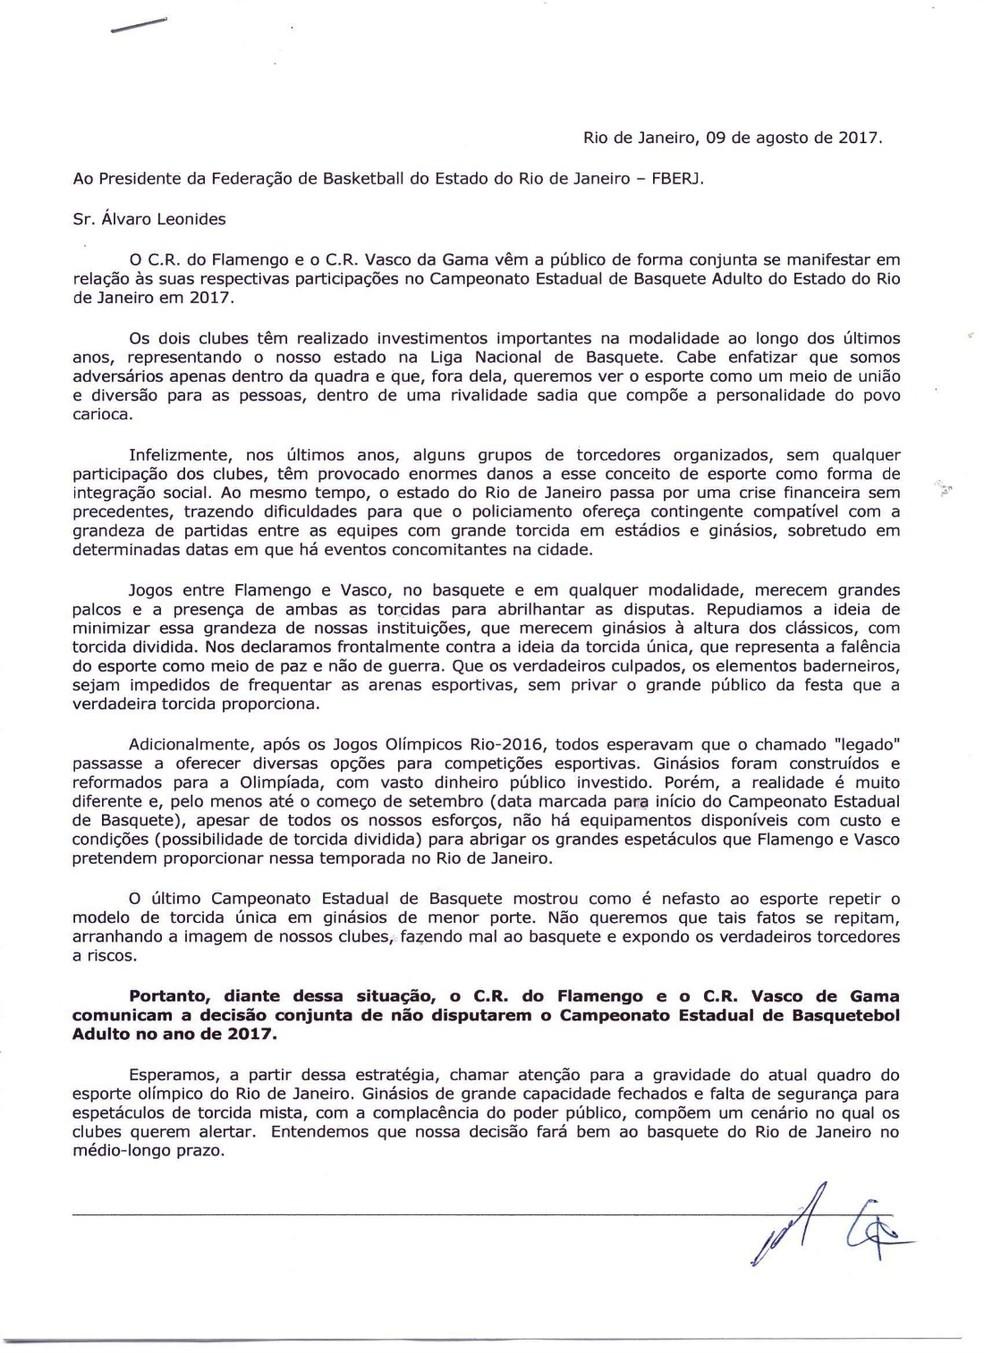 Carta Flamengo e Vasco (Foto: Divulgação)